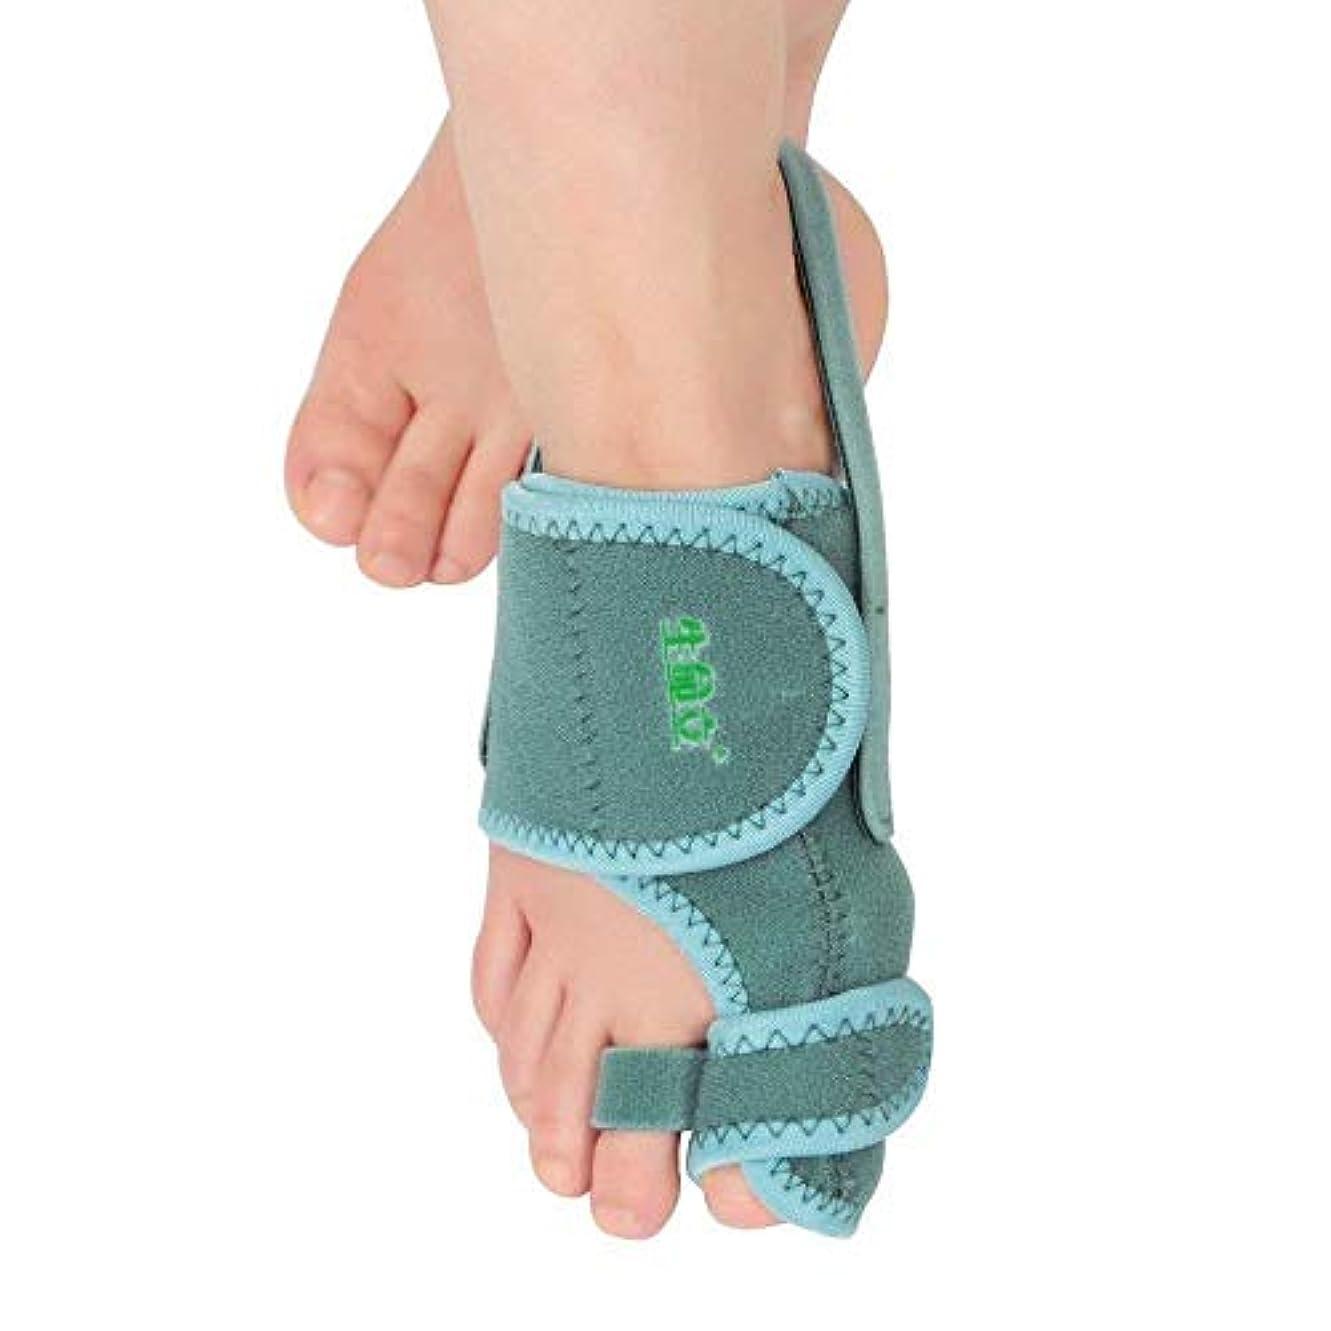 不信内向き前者外反母ortho装具、女性と男性の足の親指の矯正用セパレーターの腱膜瘤緩和のための夜間親指つま先外反,Left Foot